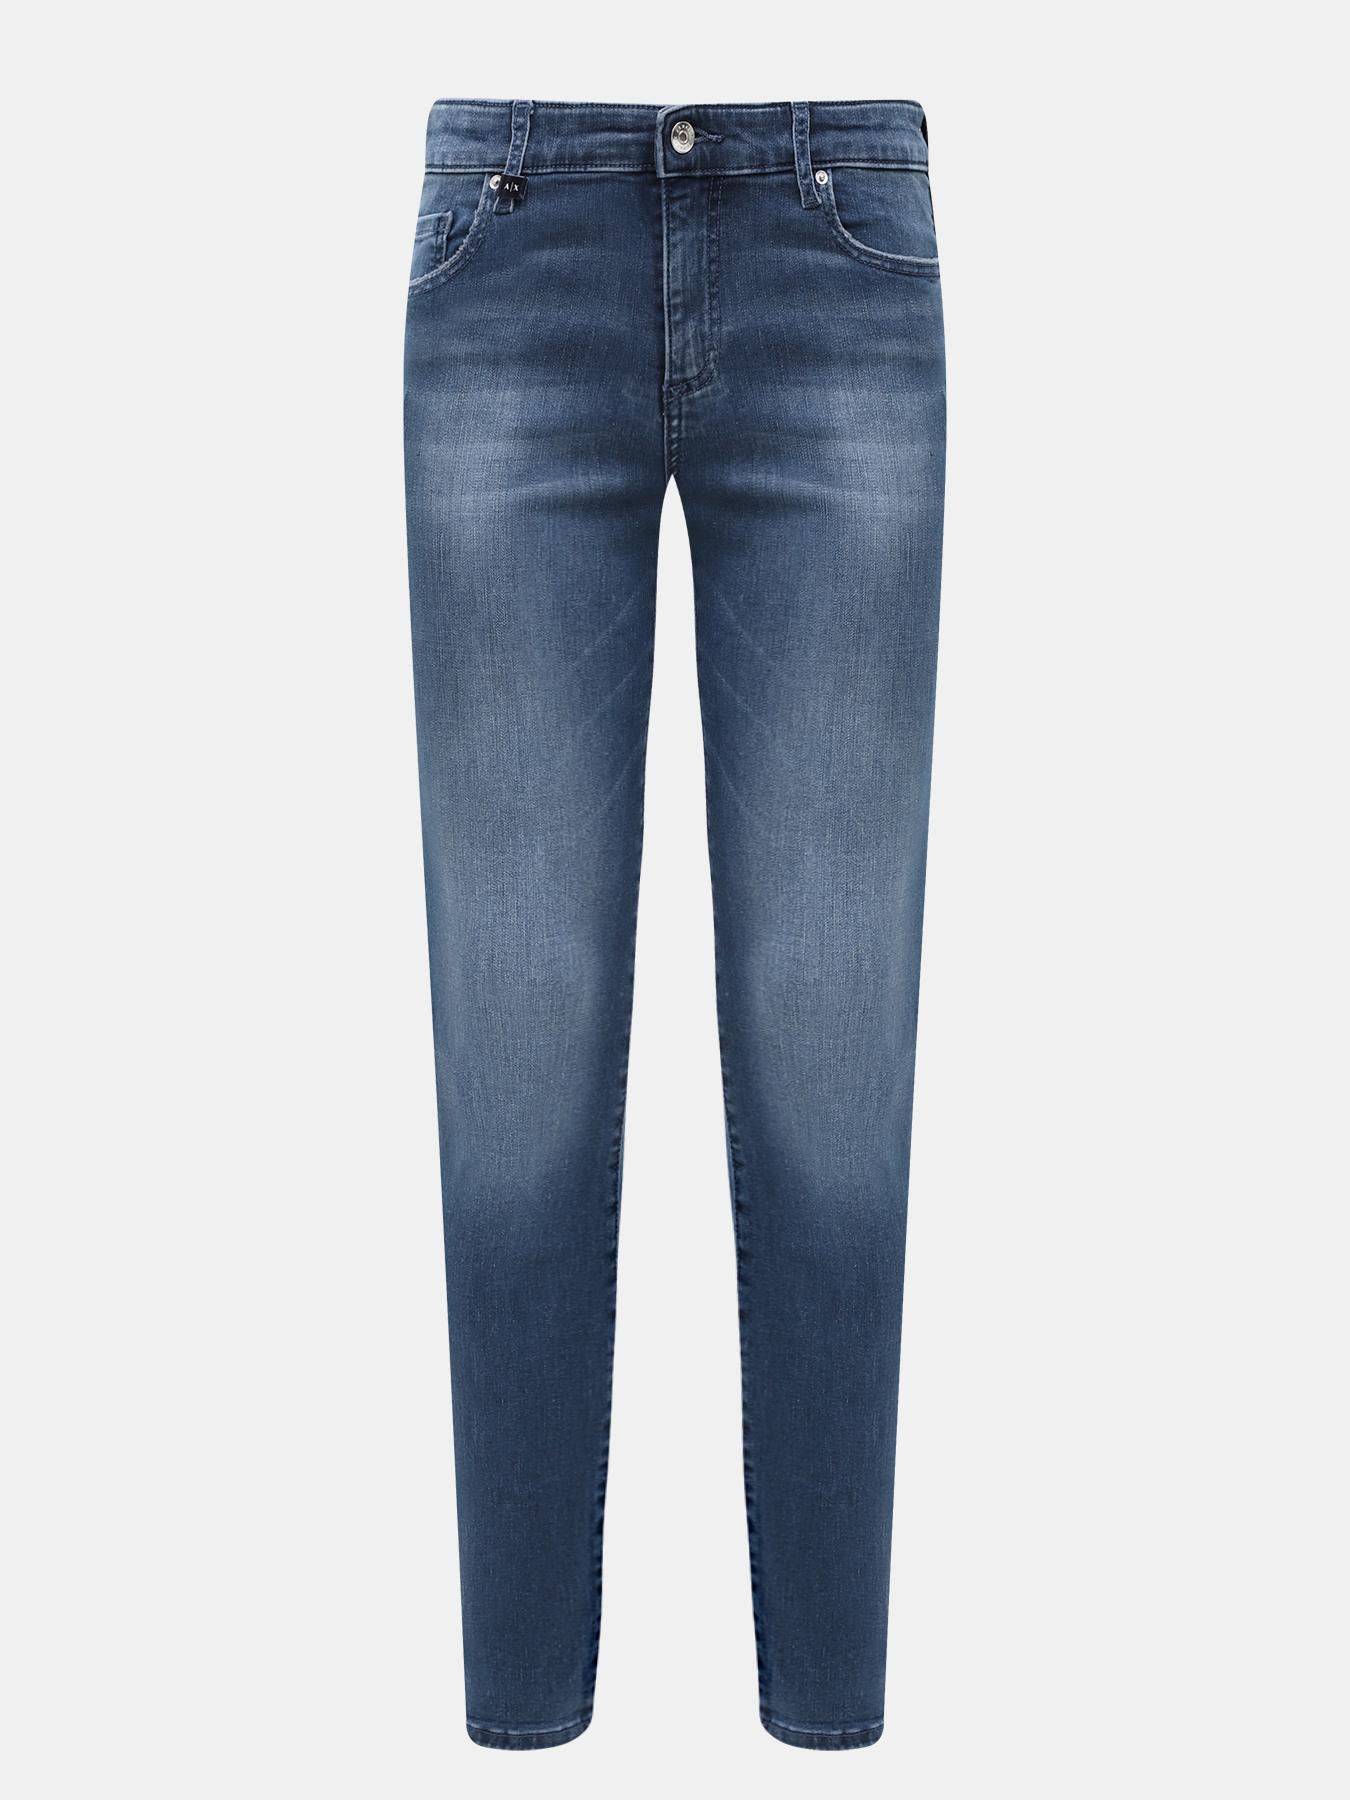 Джинсы Armani Exchange Джинсы J01 брюки armani exchange джинсы с потертостями j27